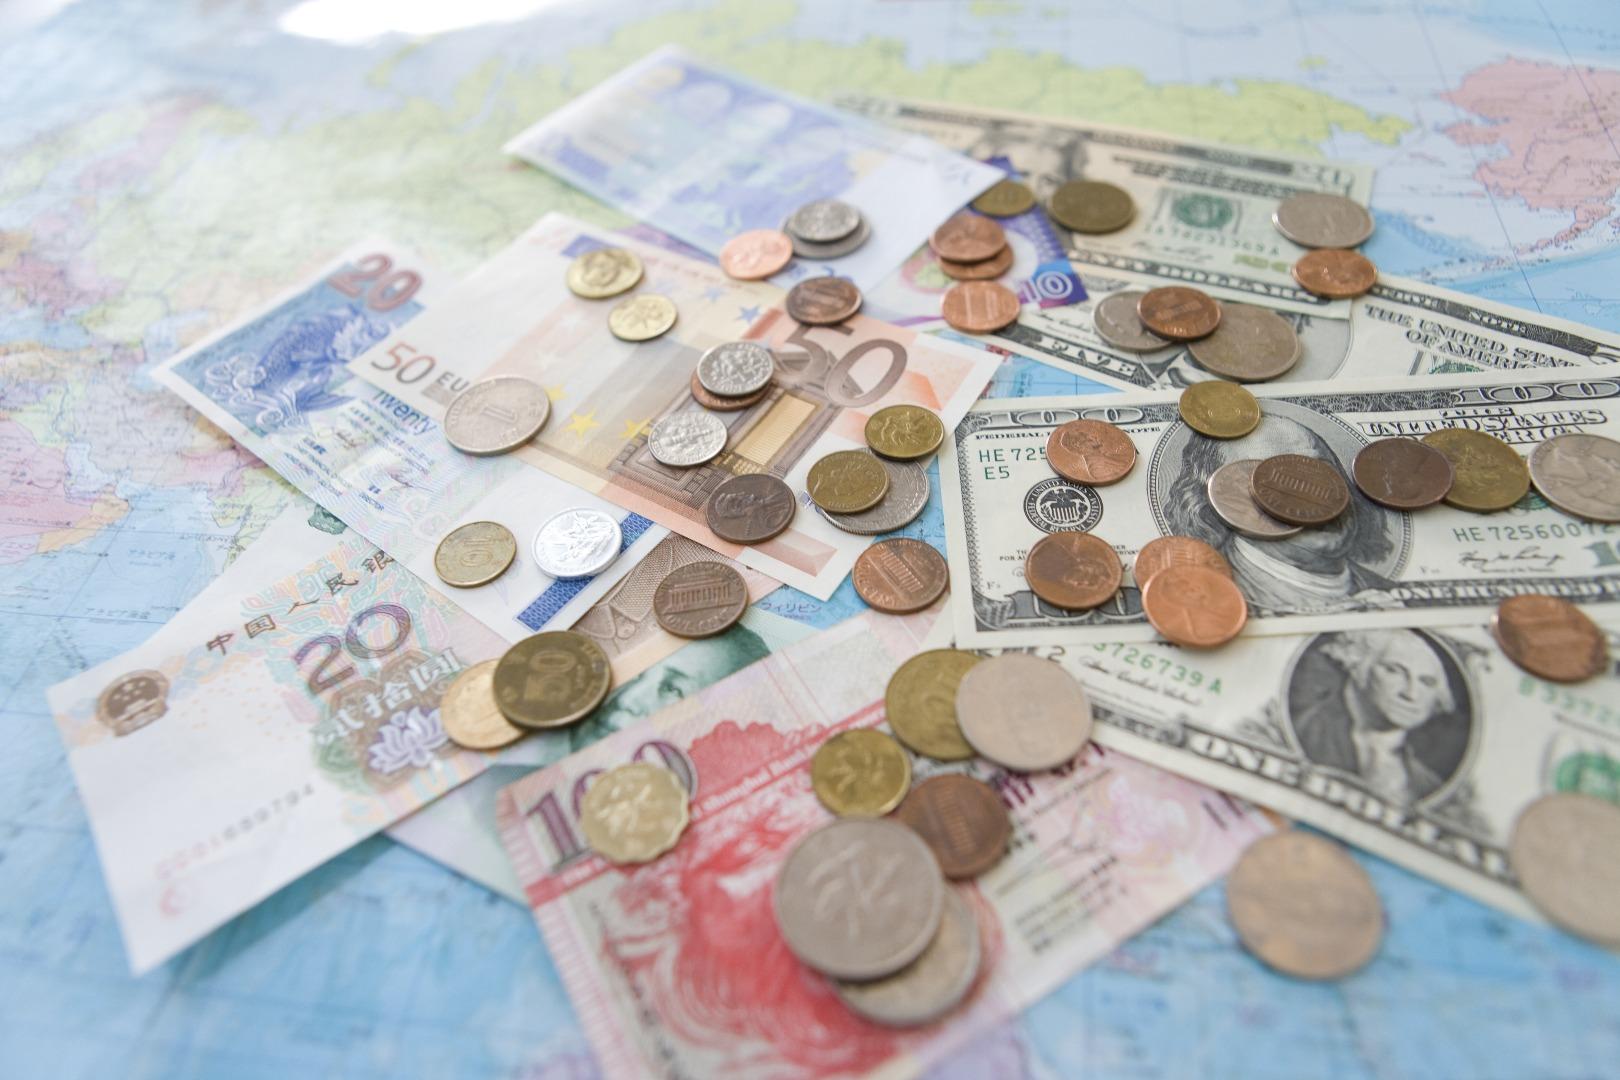 4da7f0c442 Como comprar dólar e dicas para trocar dinheiro | Skyscanner Brasil